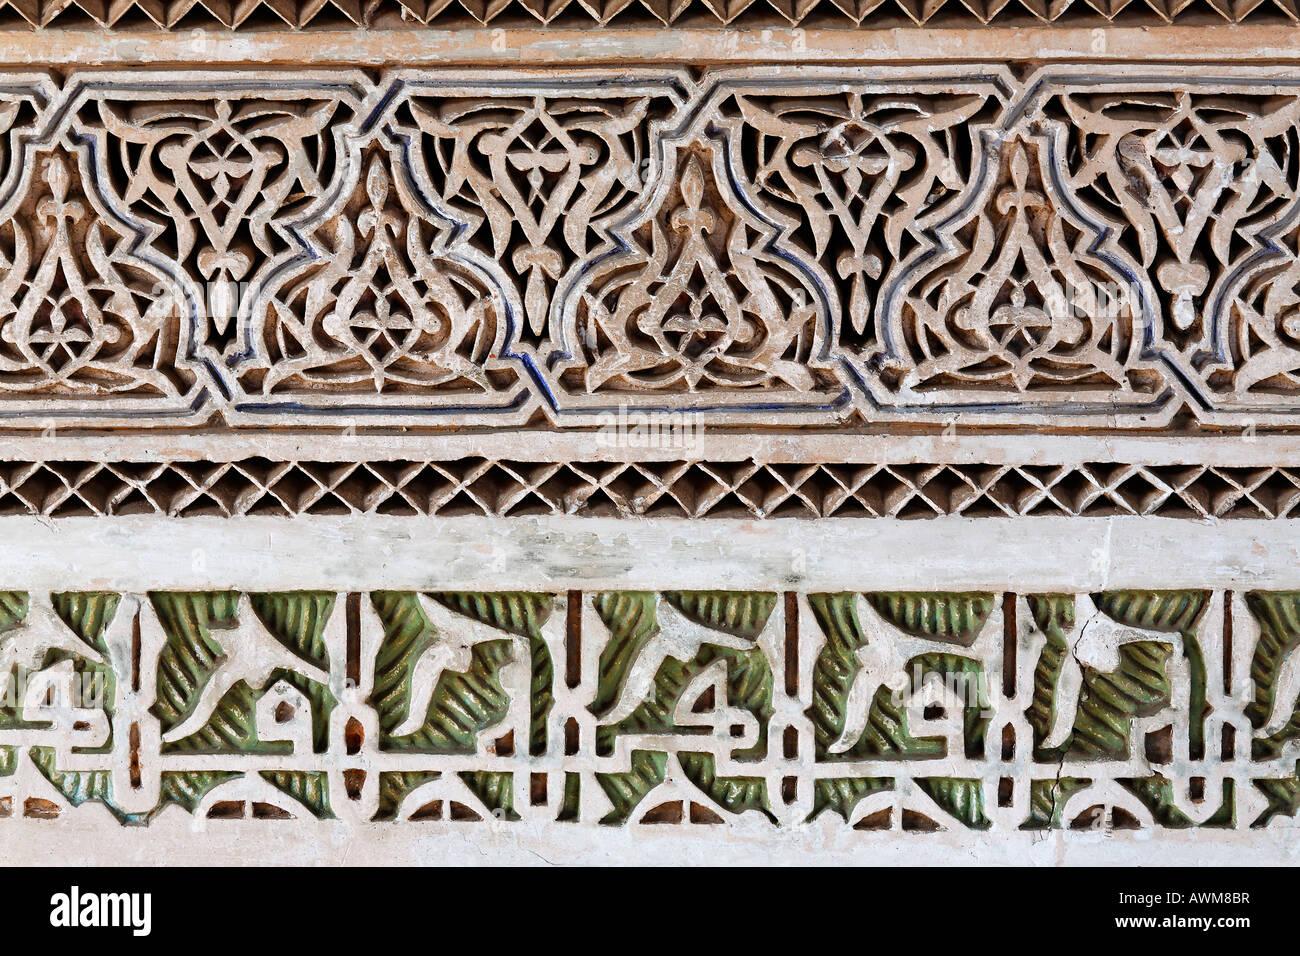 Artistic arabesque stucco work, Palais de la Bahia, Medina, Marrakech, Morocco, Africa - Stock Image